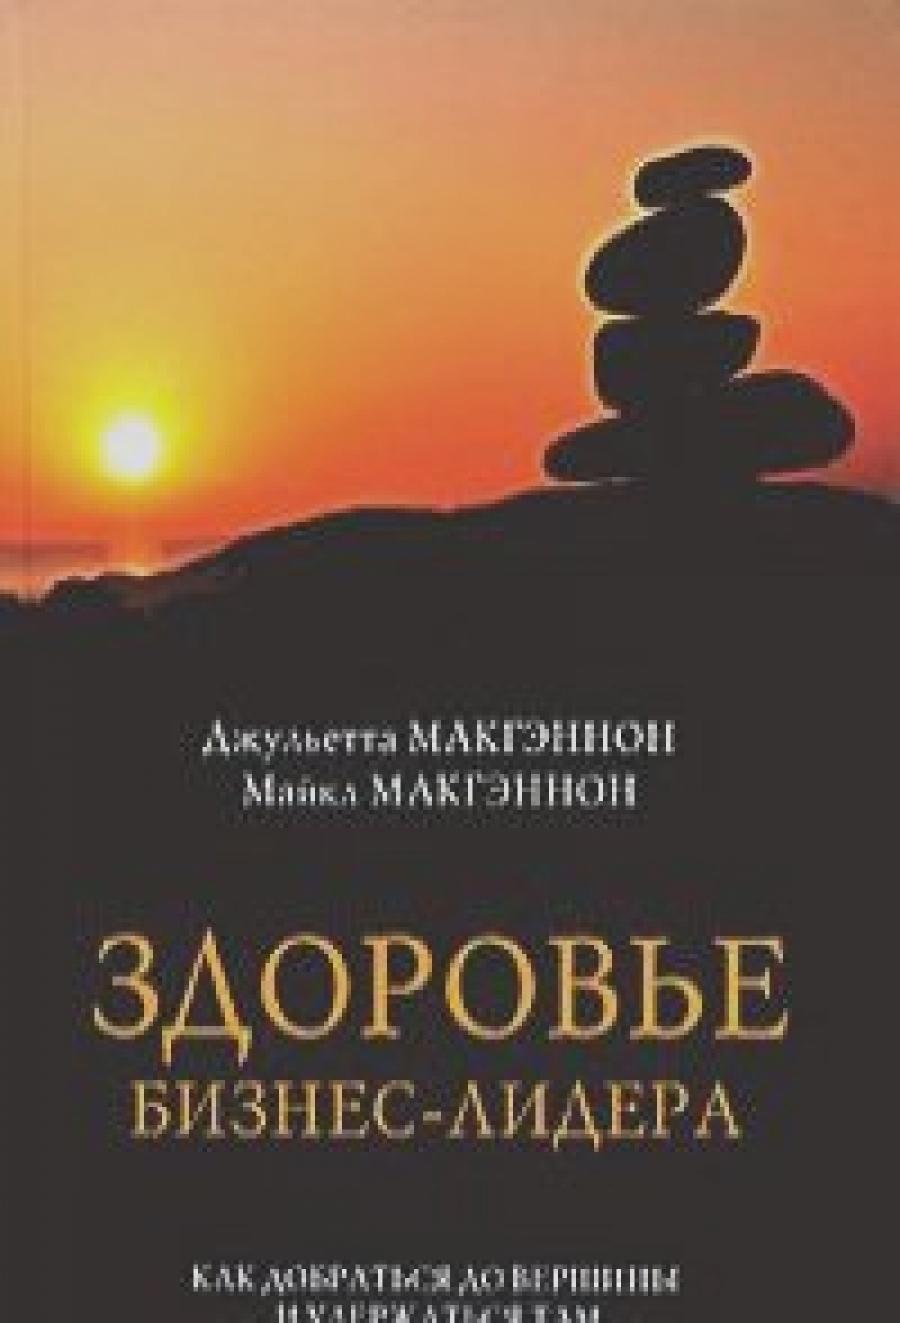 Обложка книги:  джульетта макгэннон, майкл макгэннон - здоровье бизнес-лидера